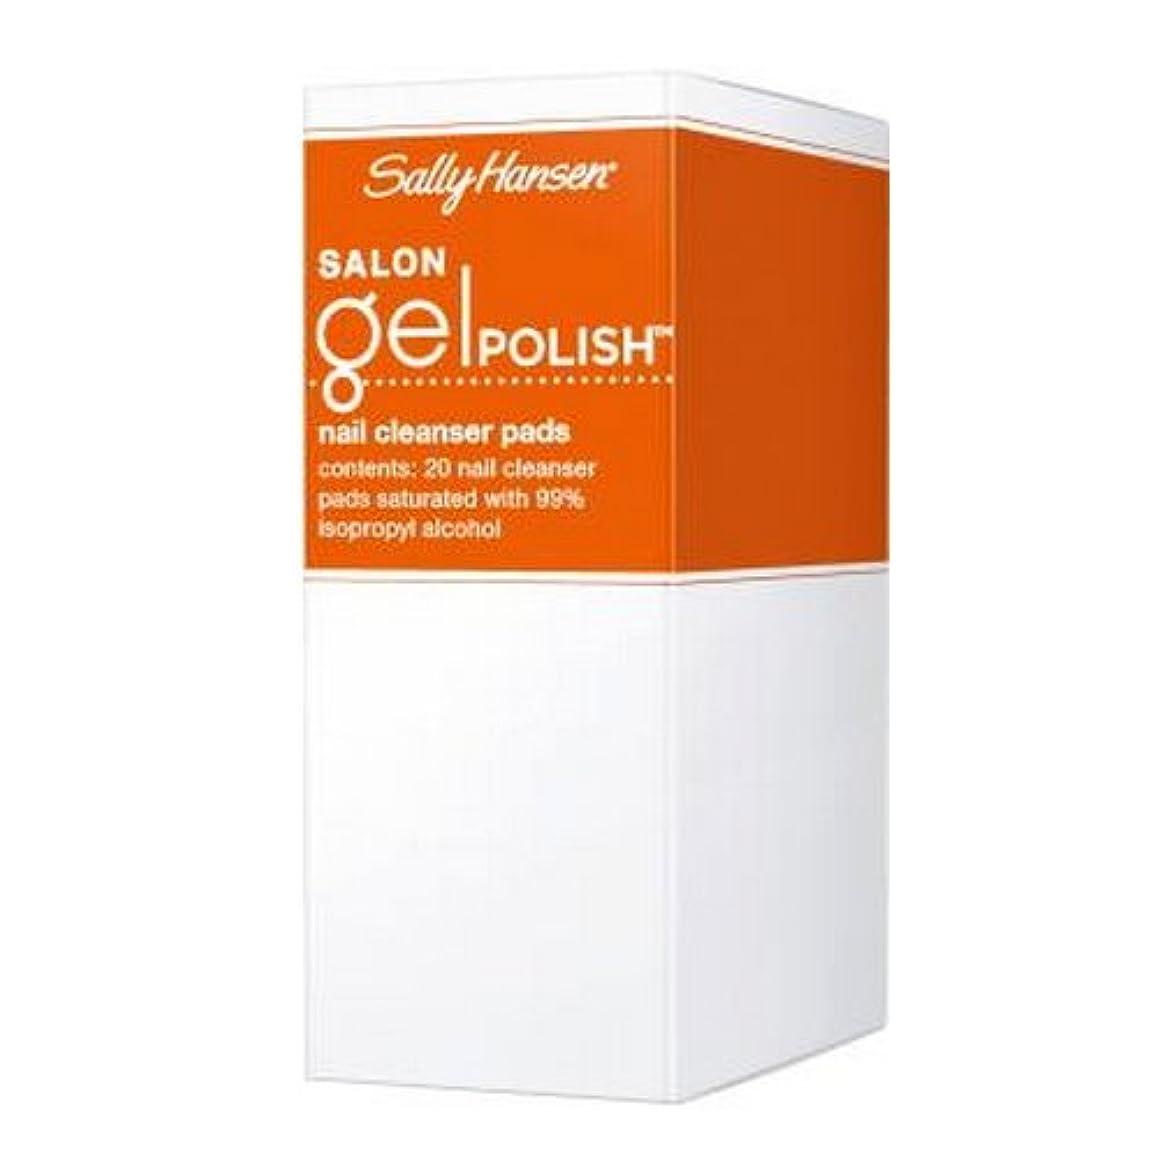 適性耐えられる名誉(6 Pack) SALLY HANSEN Salon Gel Polish Nail Cleanser Pads - Gel Polish Cleanser Pads (並行輸入品)